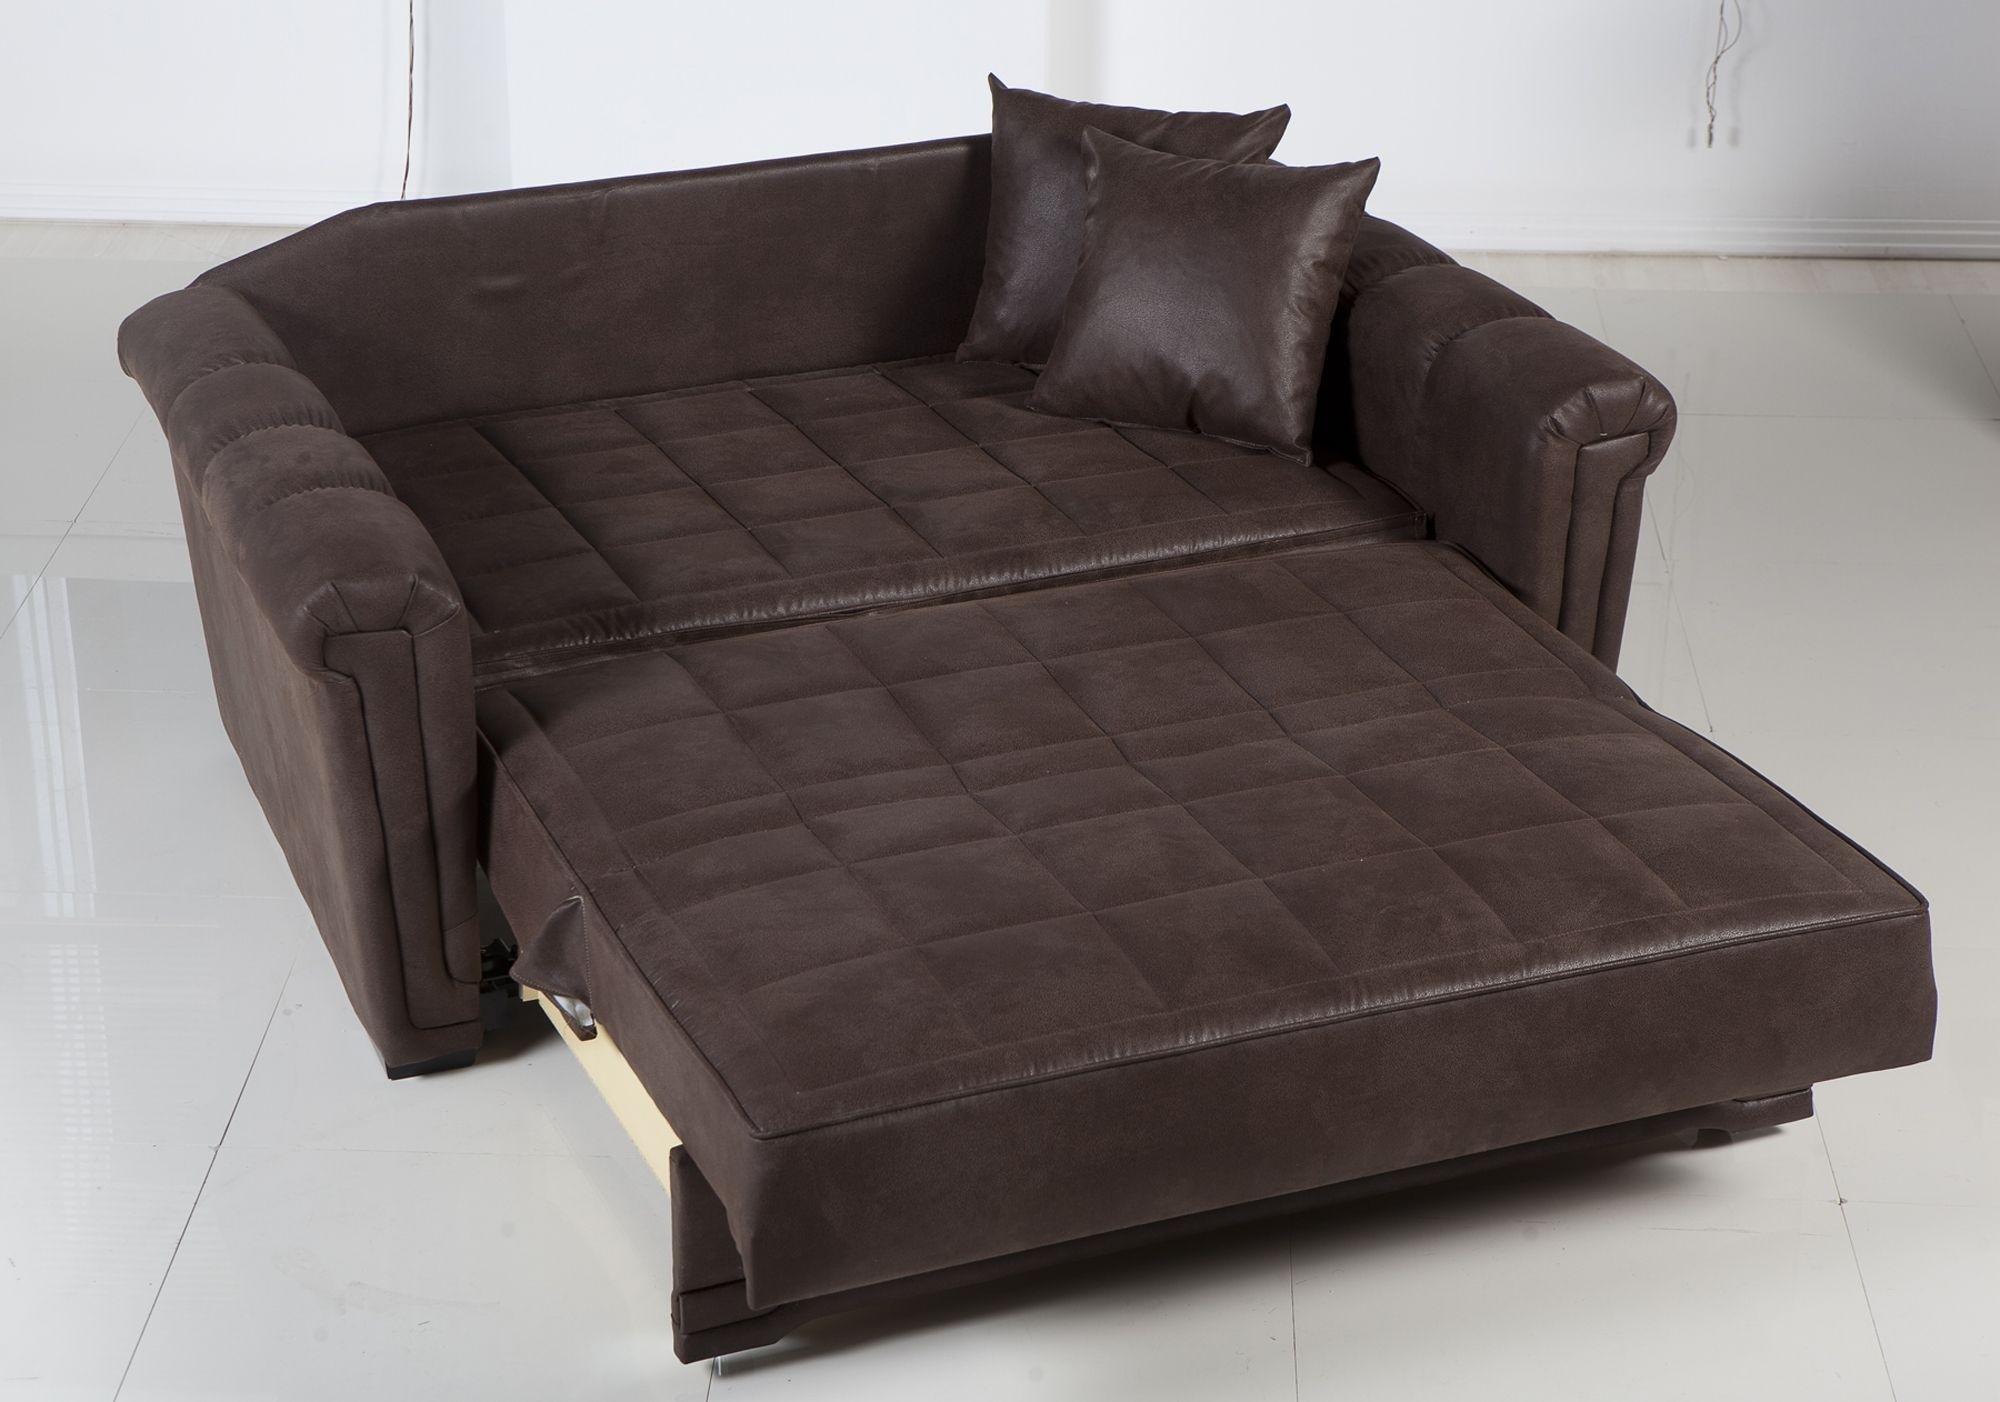 Ikea Sofa Beds